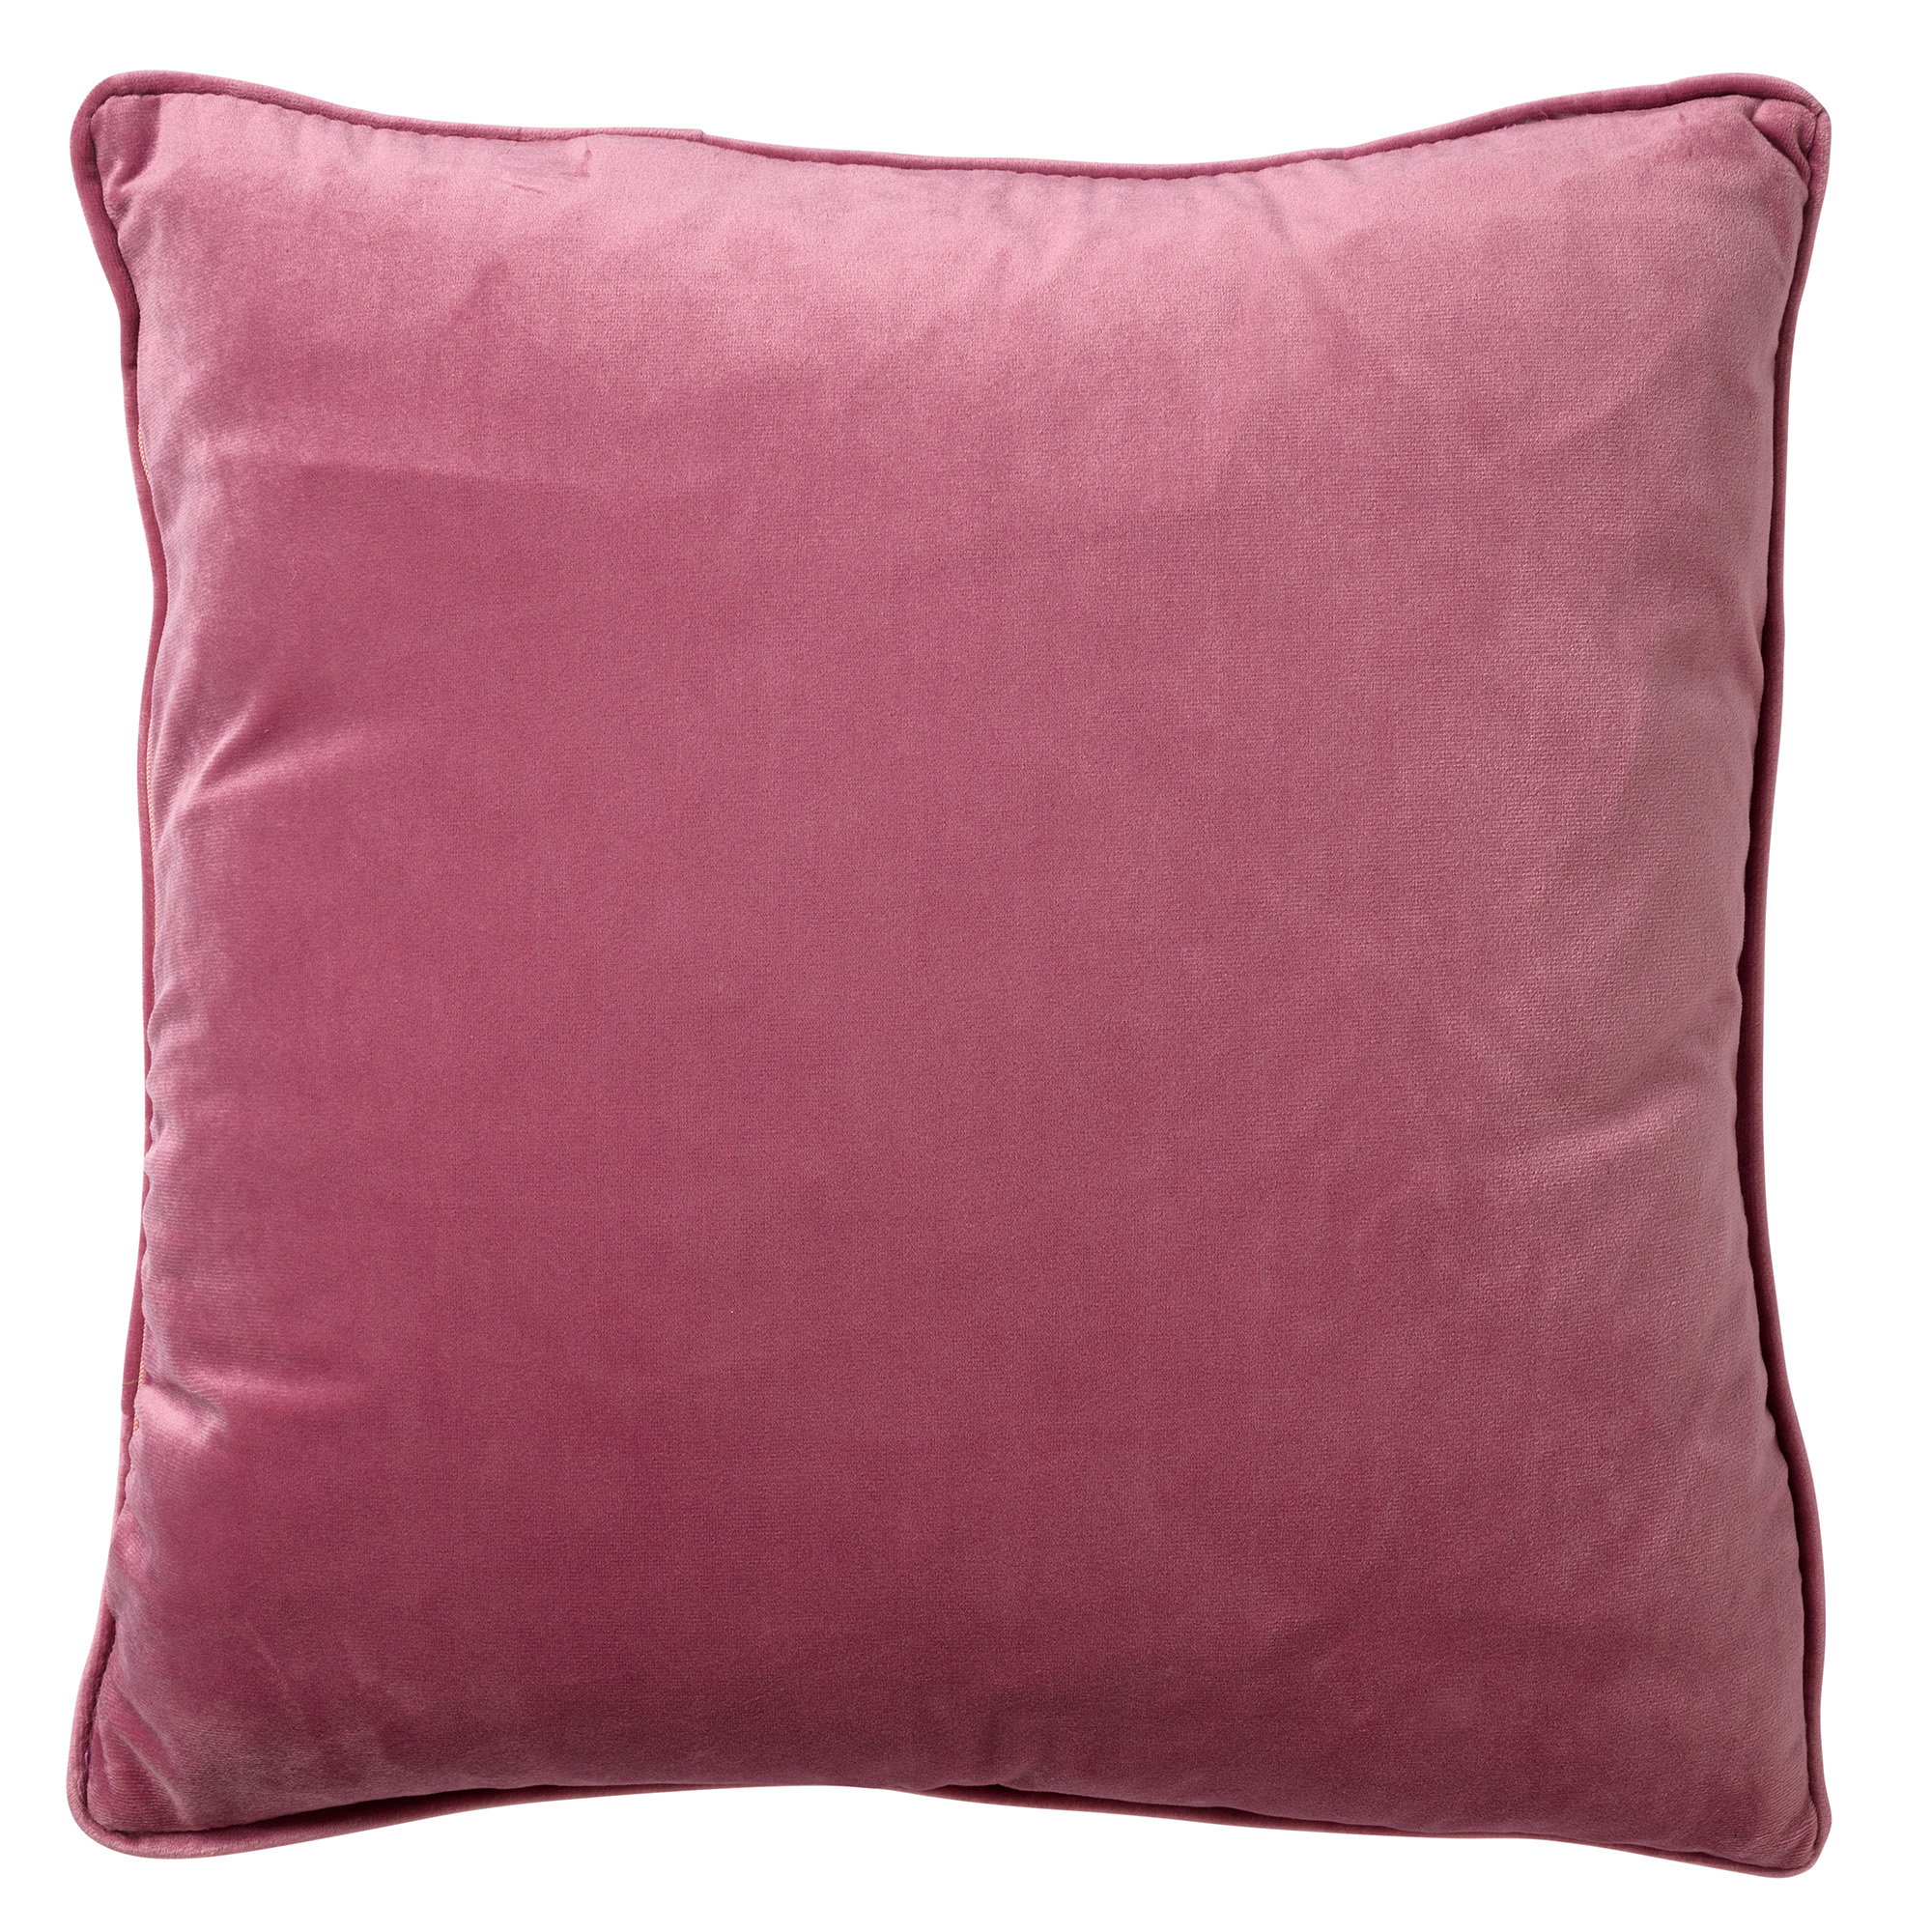 FINN - Sierkussen velvet Heather Rose 60x60 cm